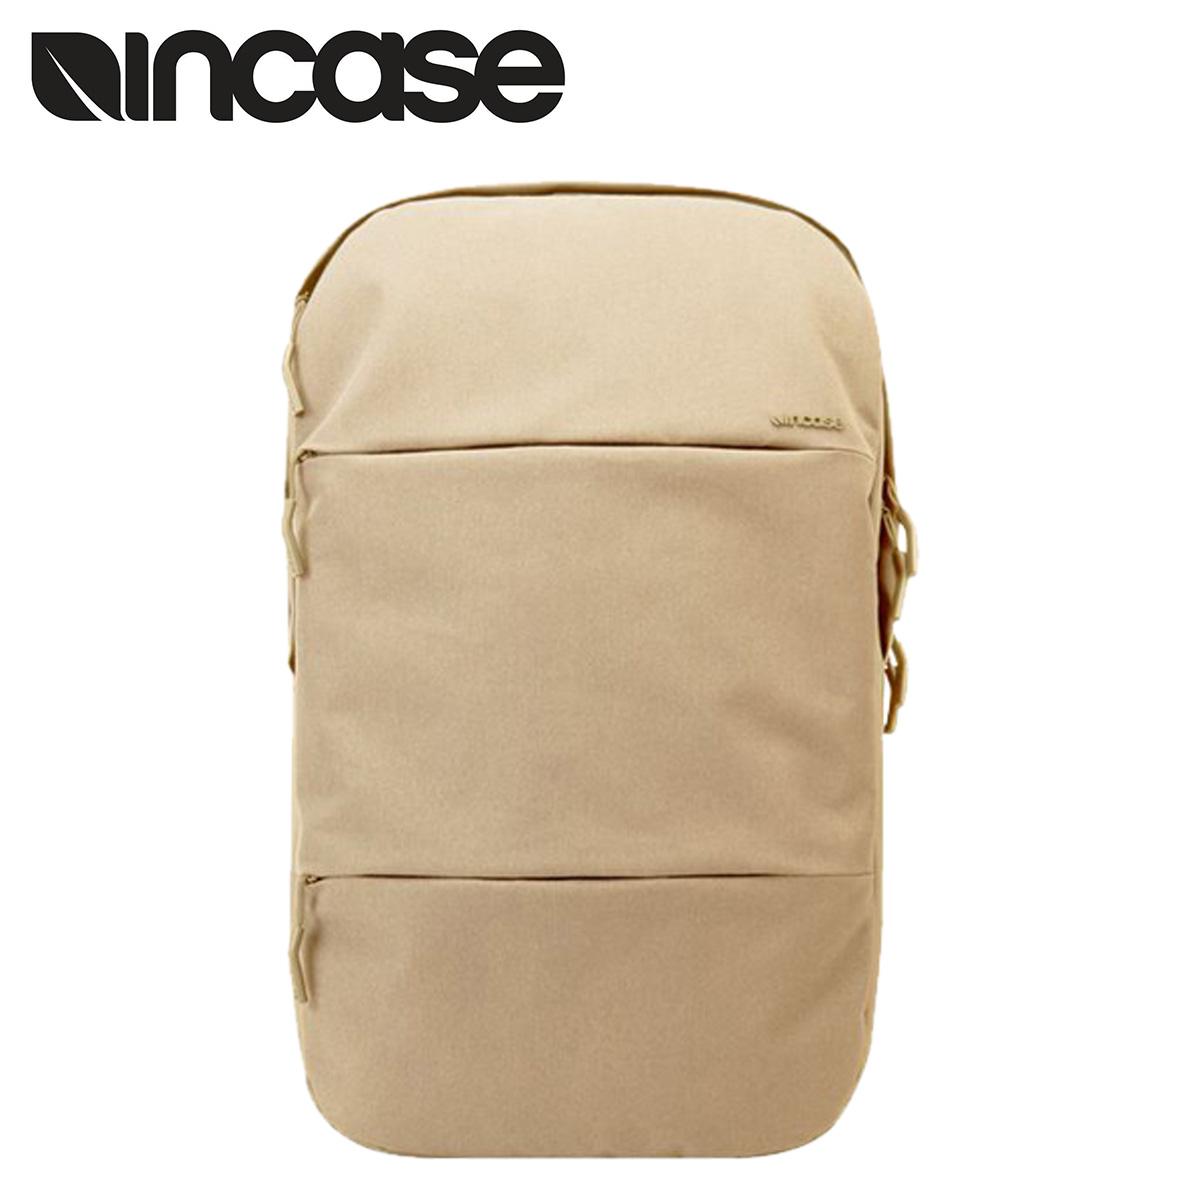 有名ブランド INCASE インケース バックパック CL55504 リュック CL55504 ダークカーキ INCASE インケース CITY COLLECTION メンズ BACKPACK メンズ, 水処理用品オンライン:cad9606c --- jagorawi.com